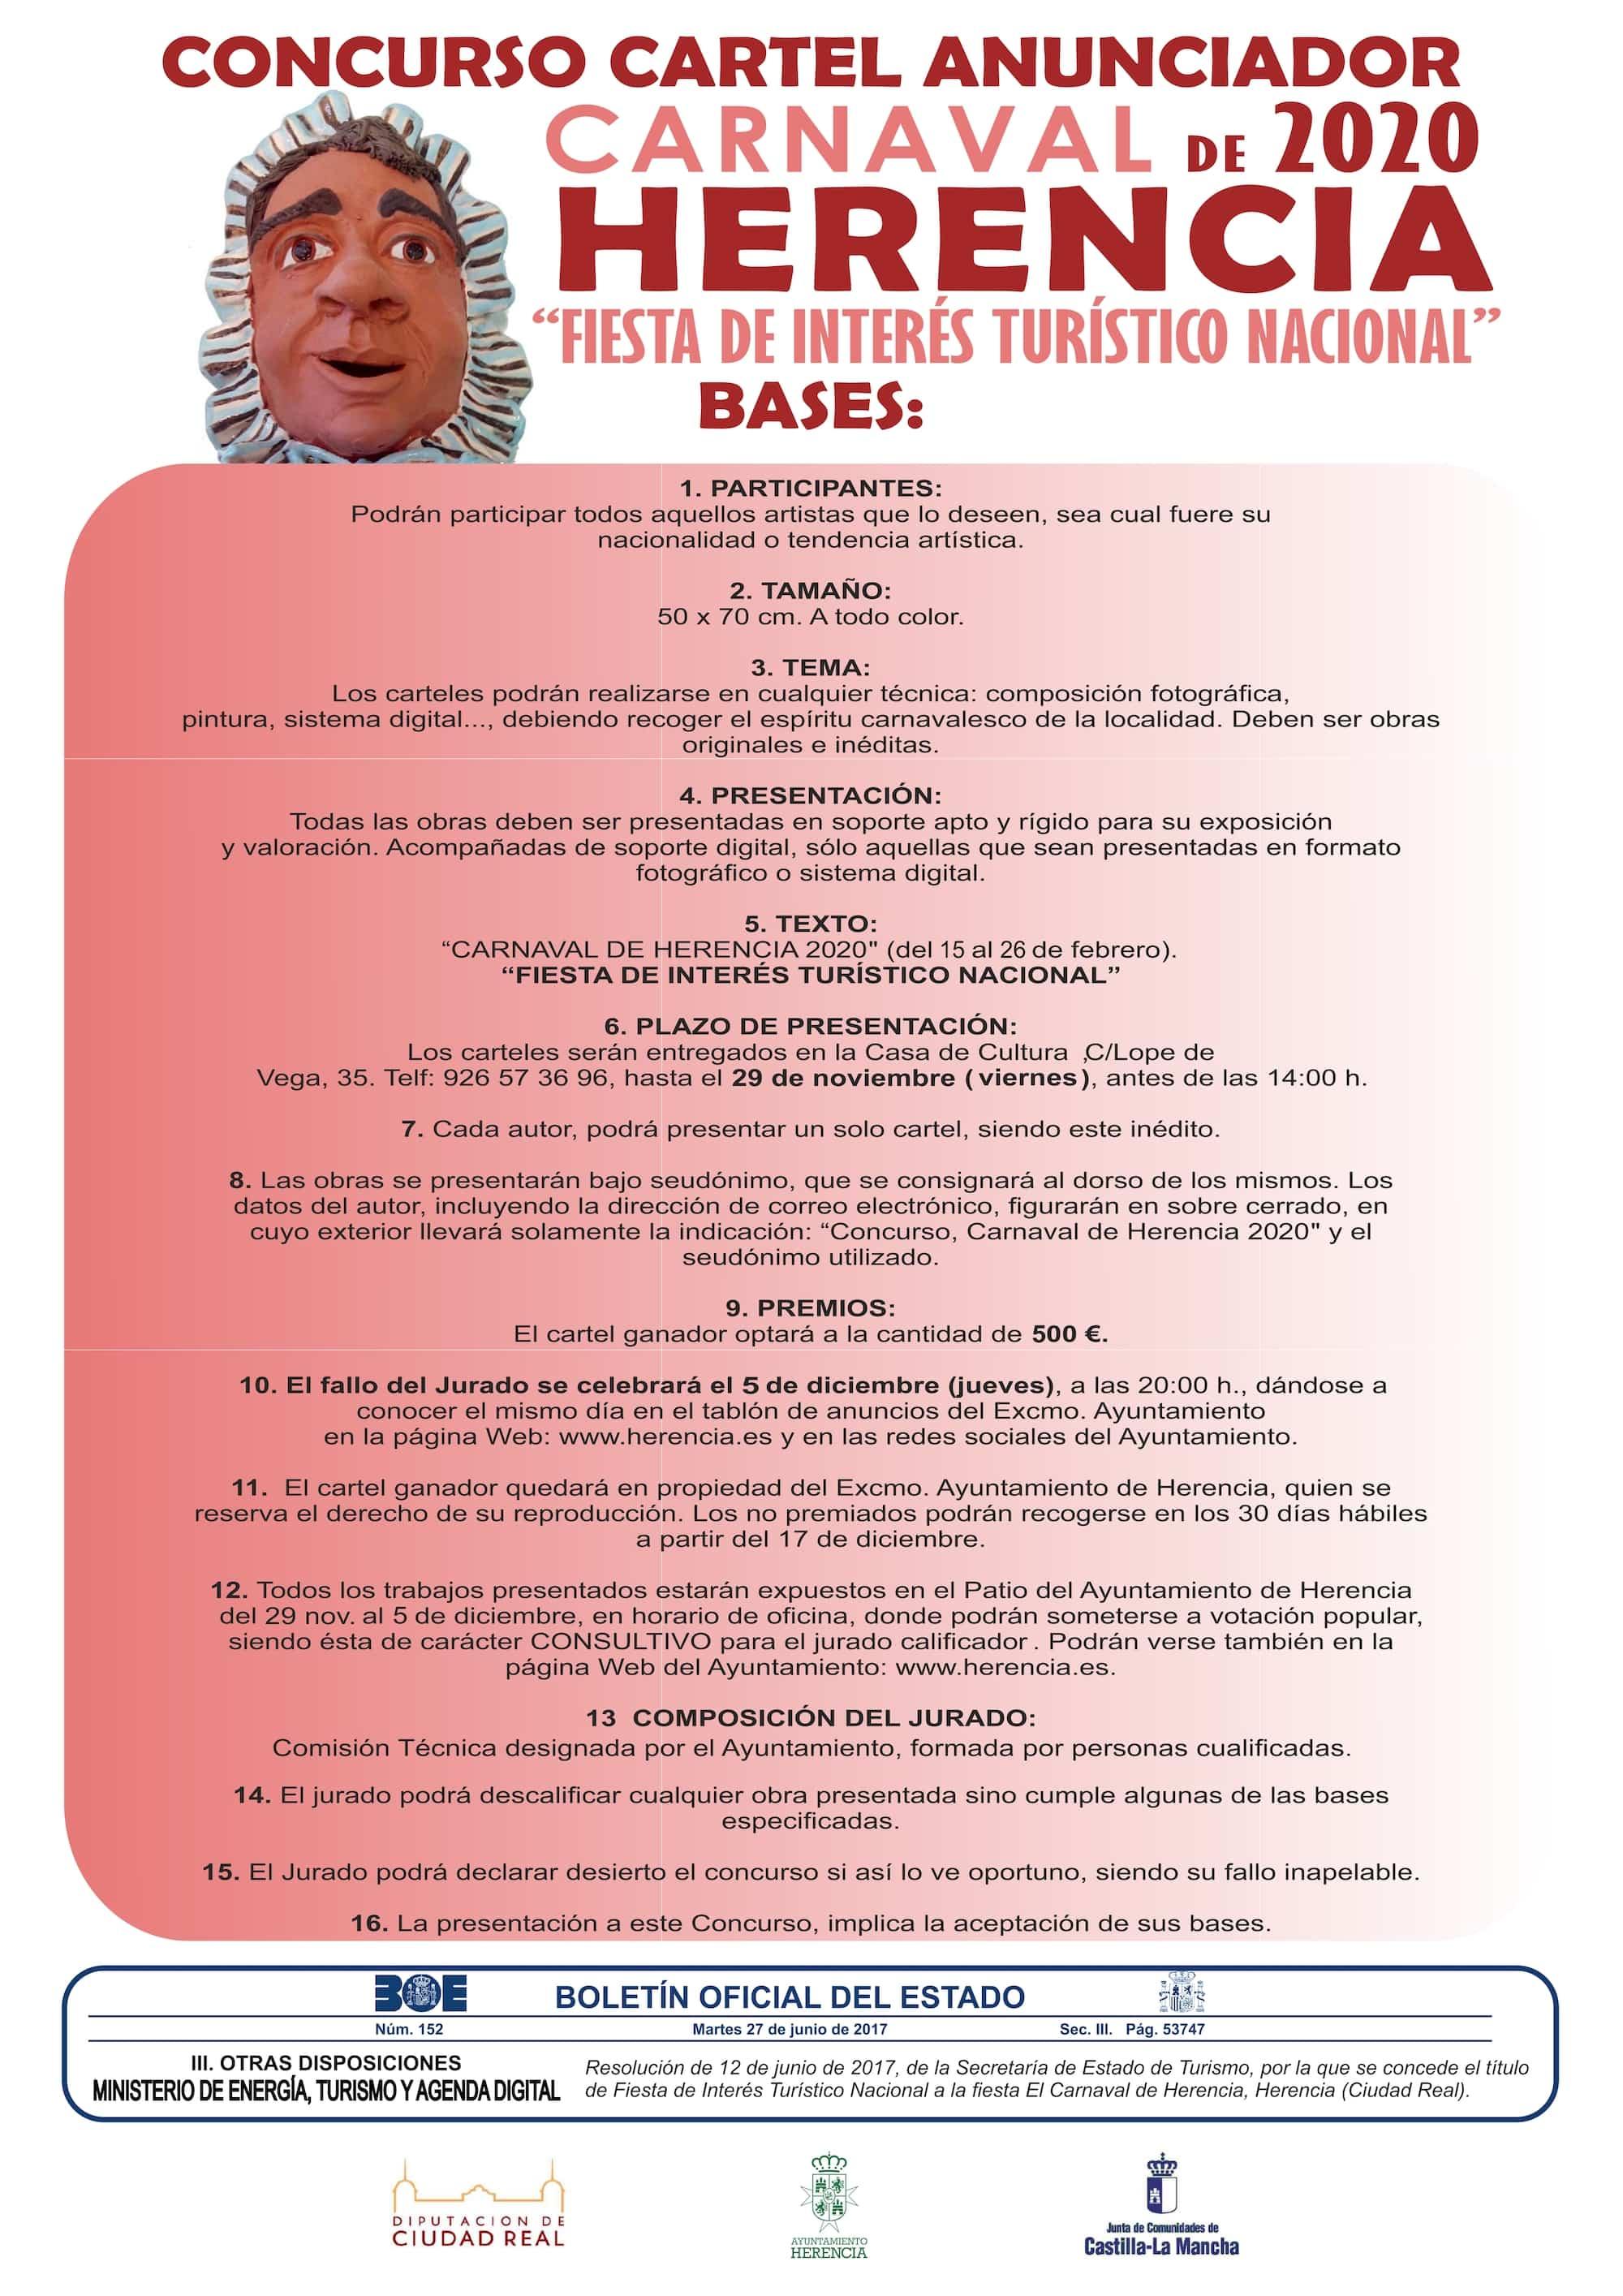 bases cartel carnaval herencia 2020 - Presenta tus propuestas para el Cartel de Carnaval de Herencia 2020